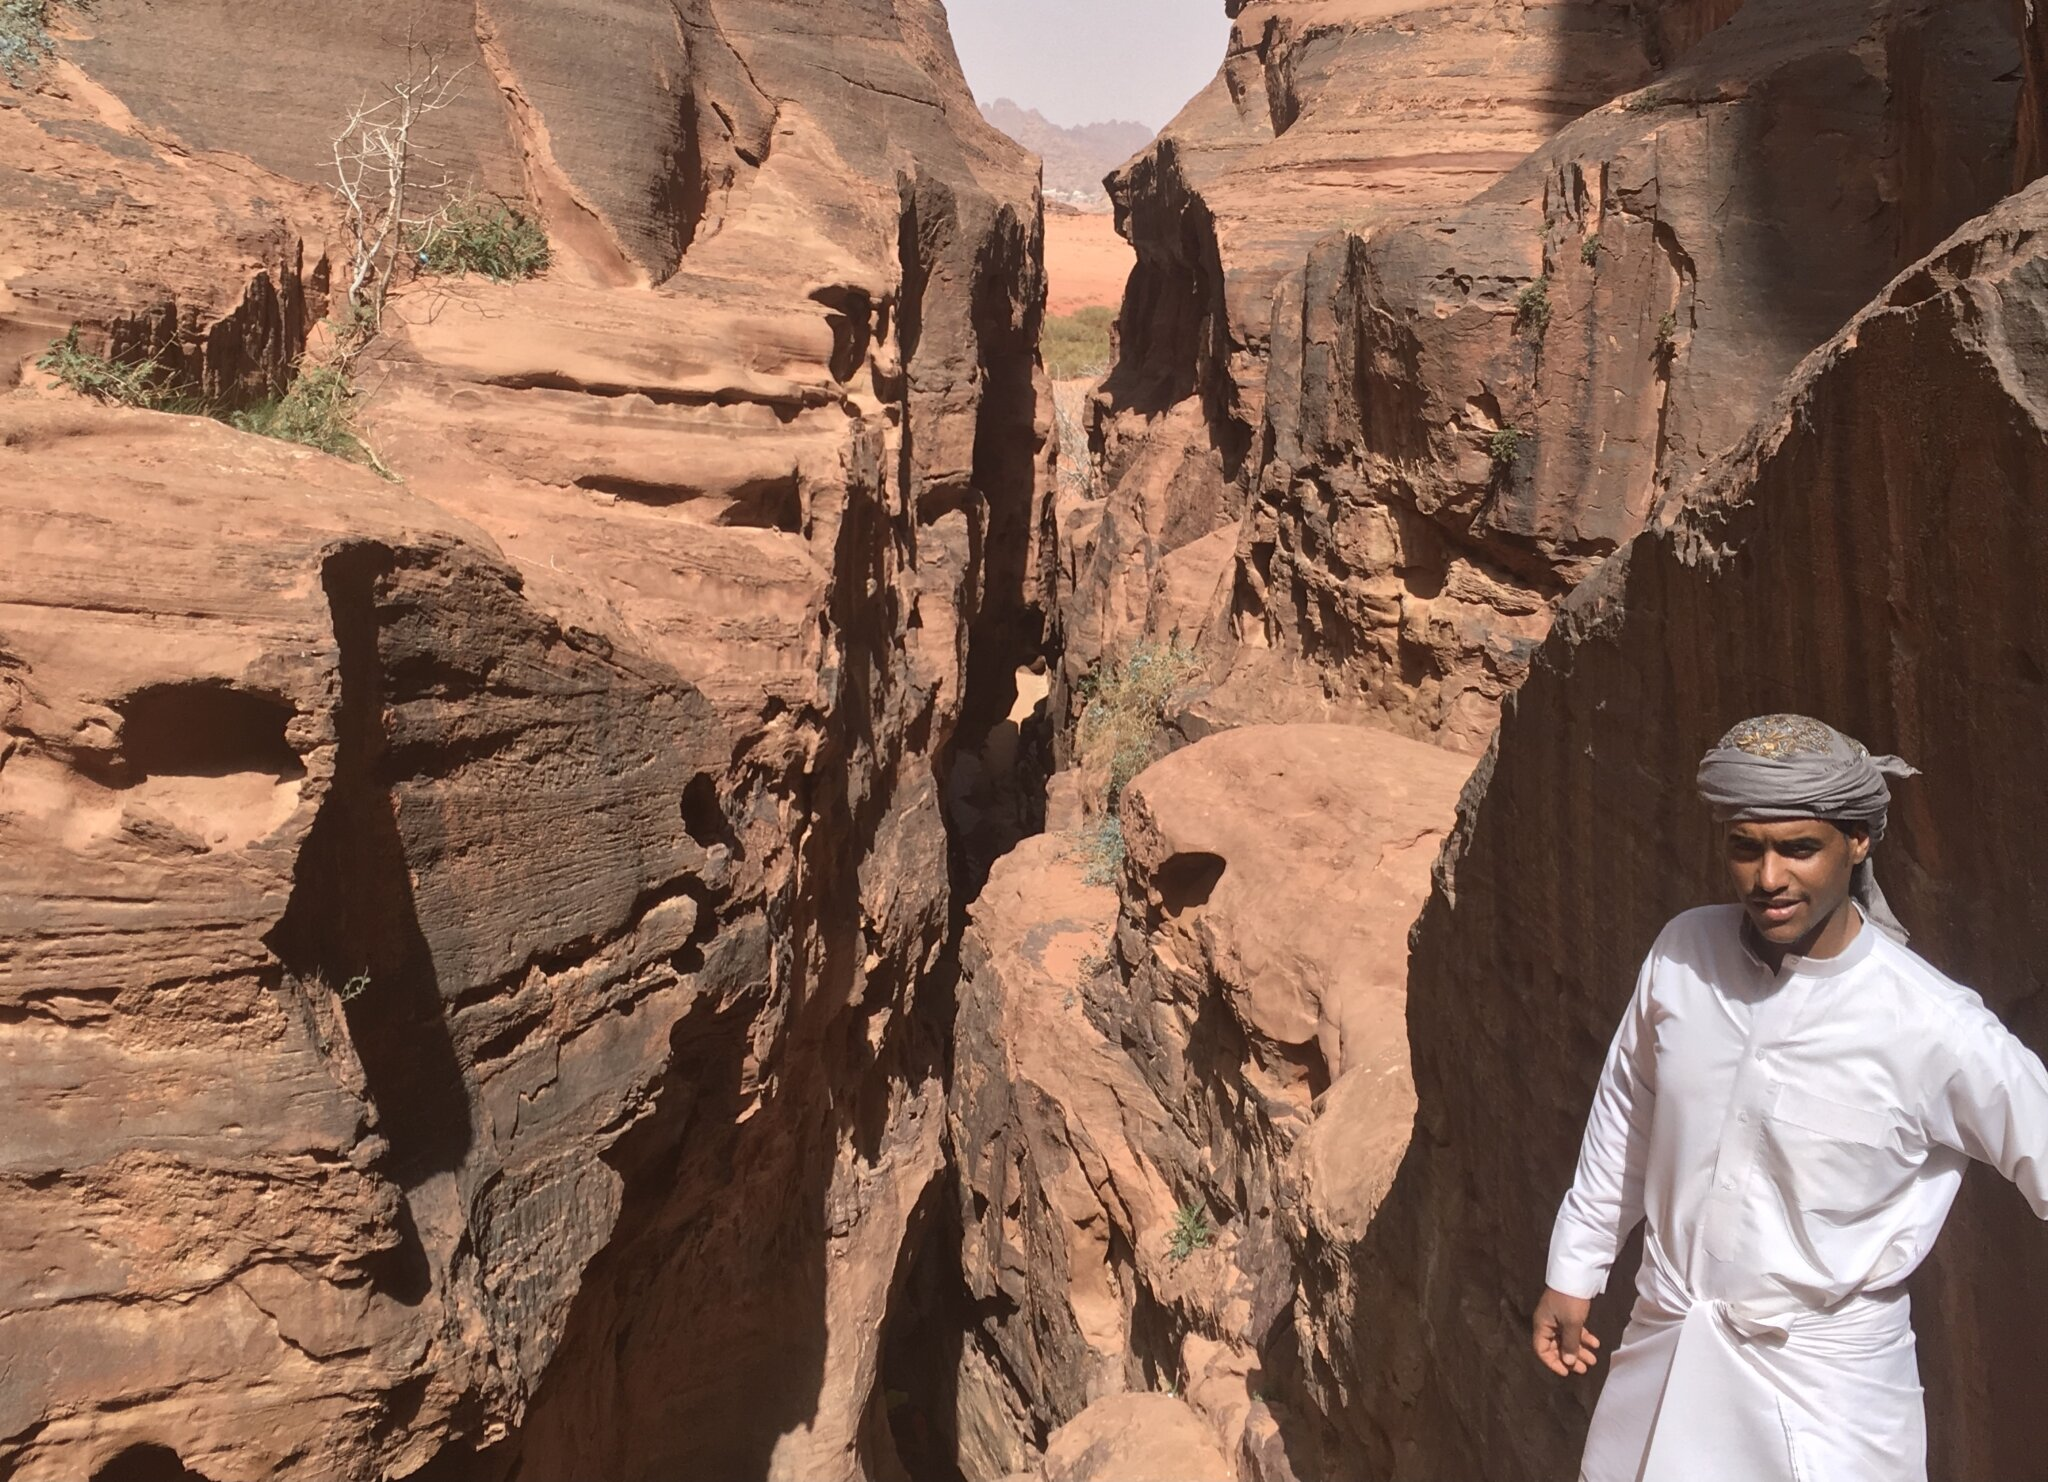 Khazali Canyon